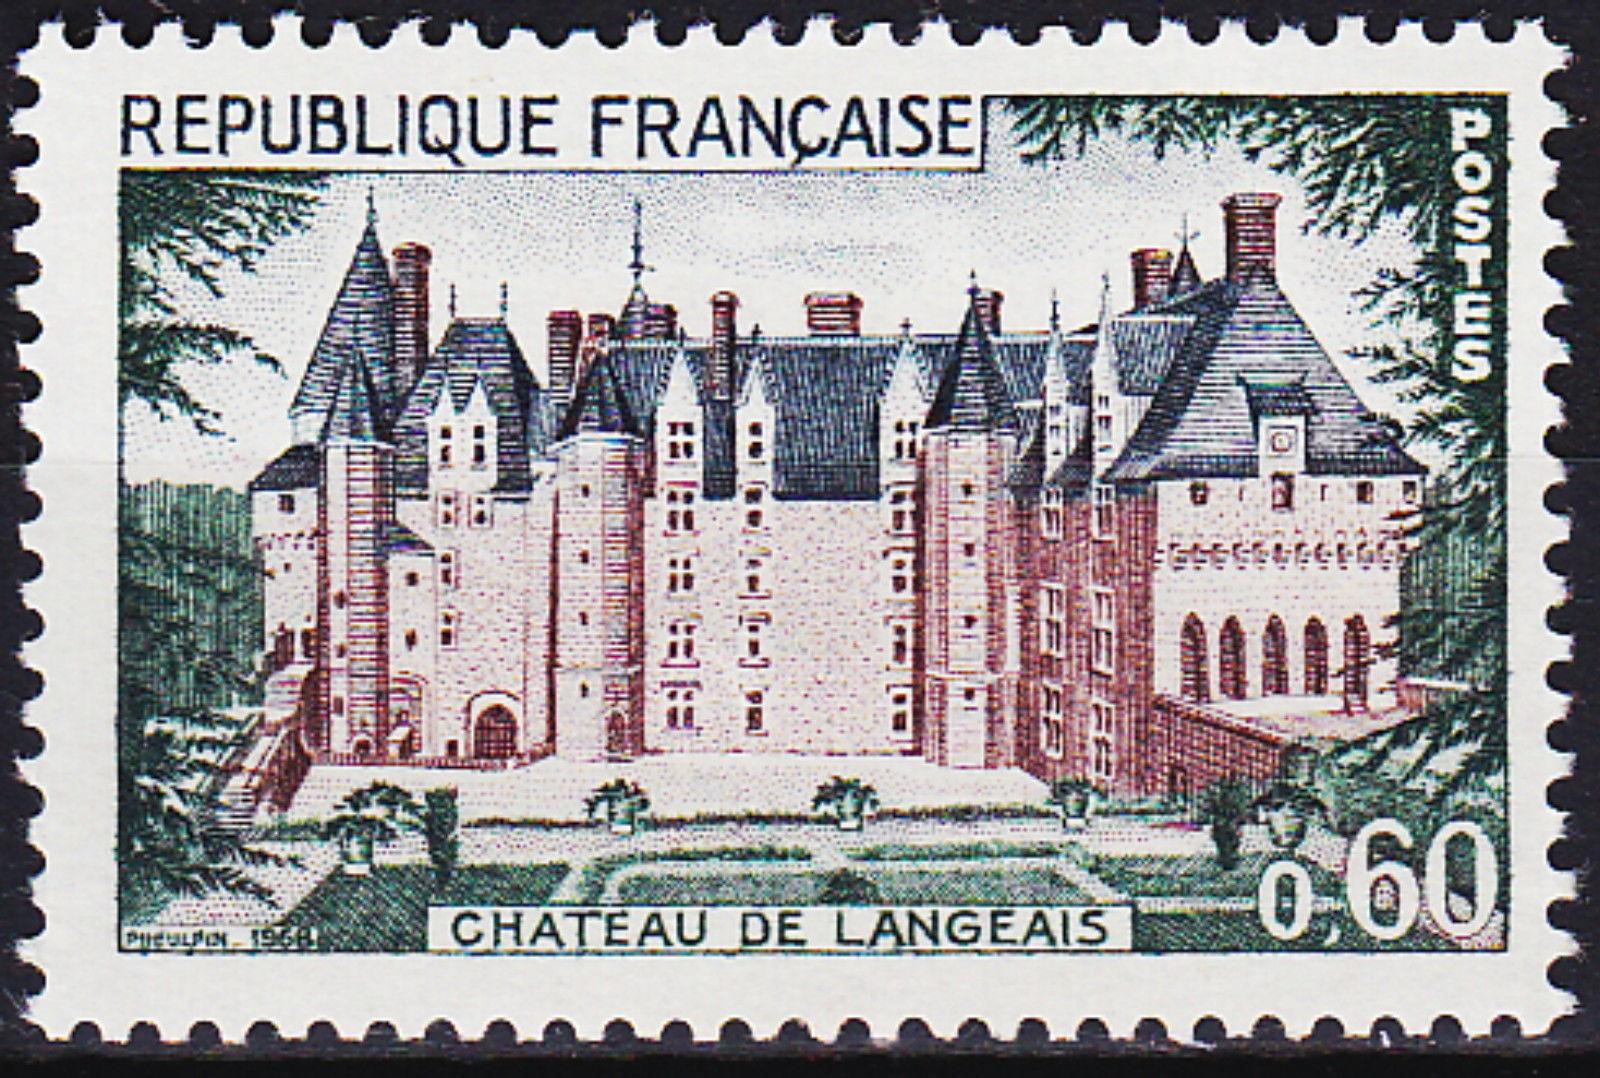 France 1968 Chateau de Langeais